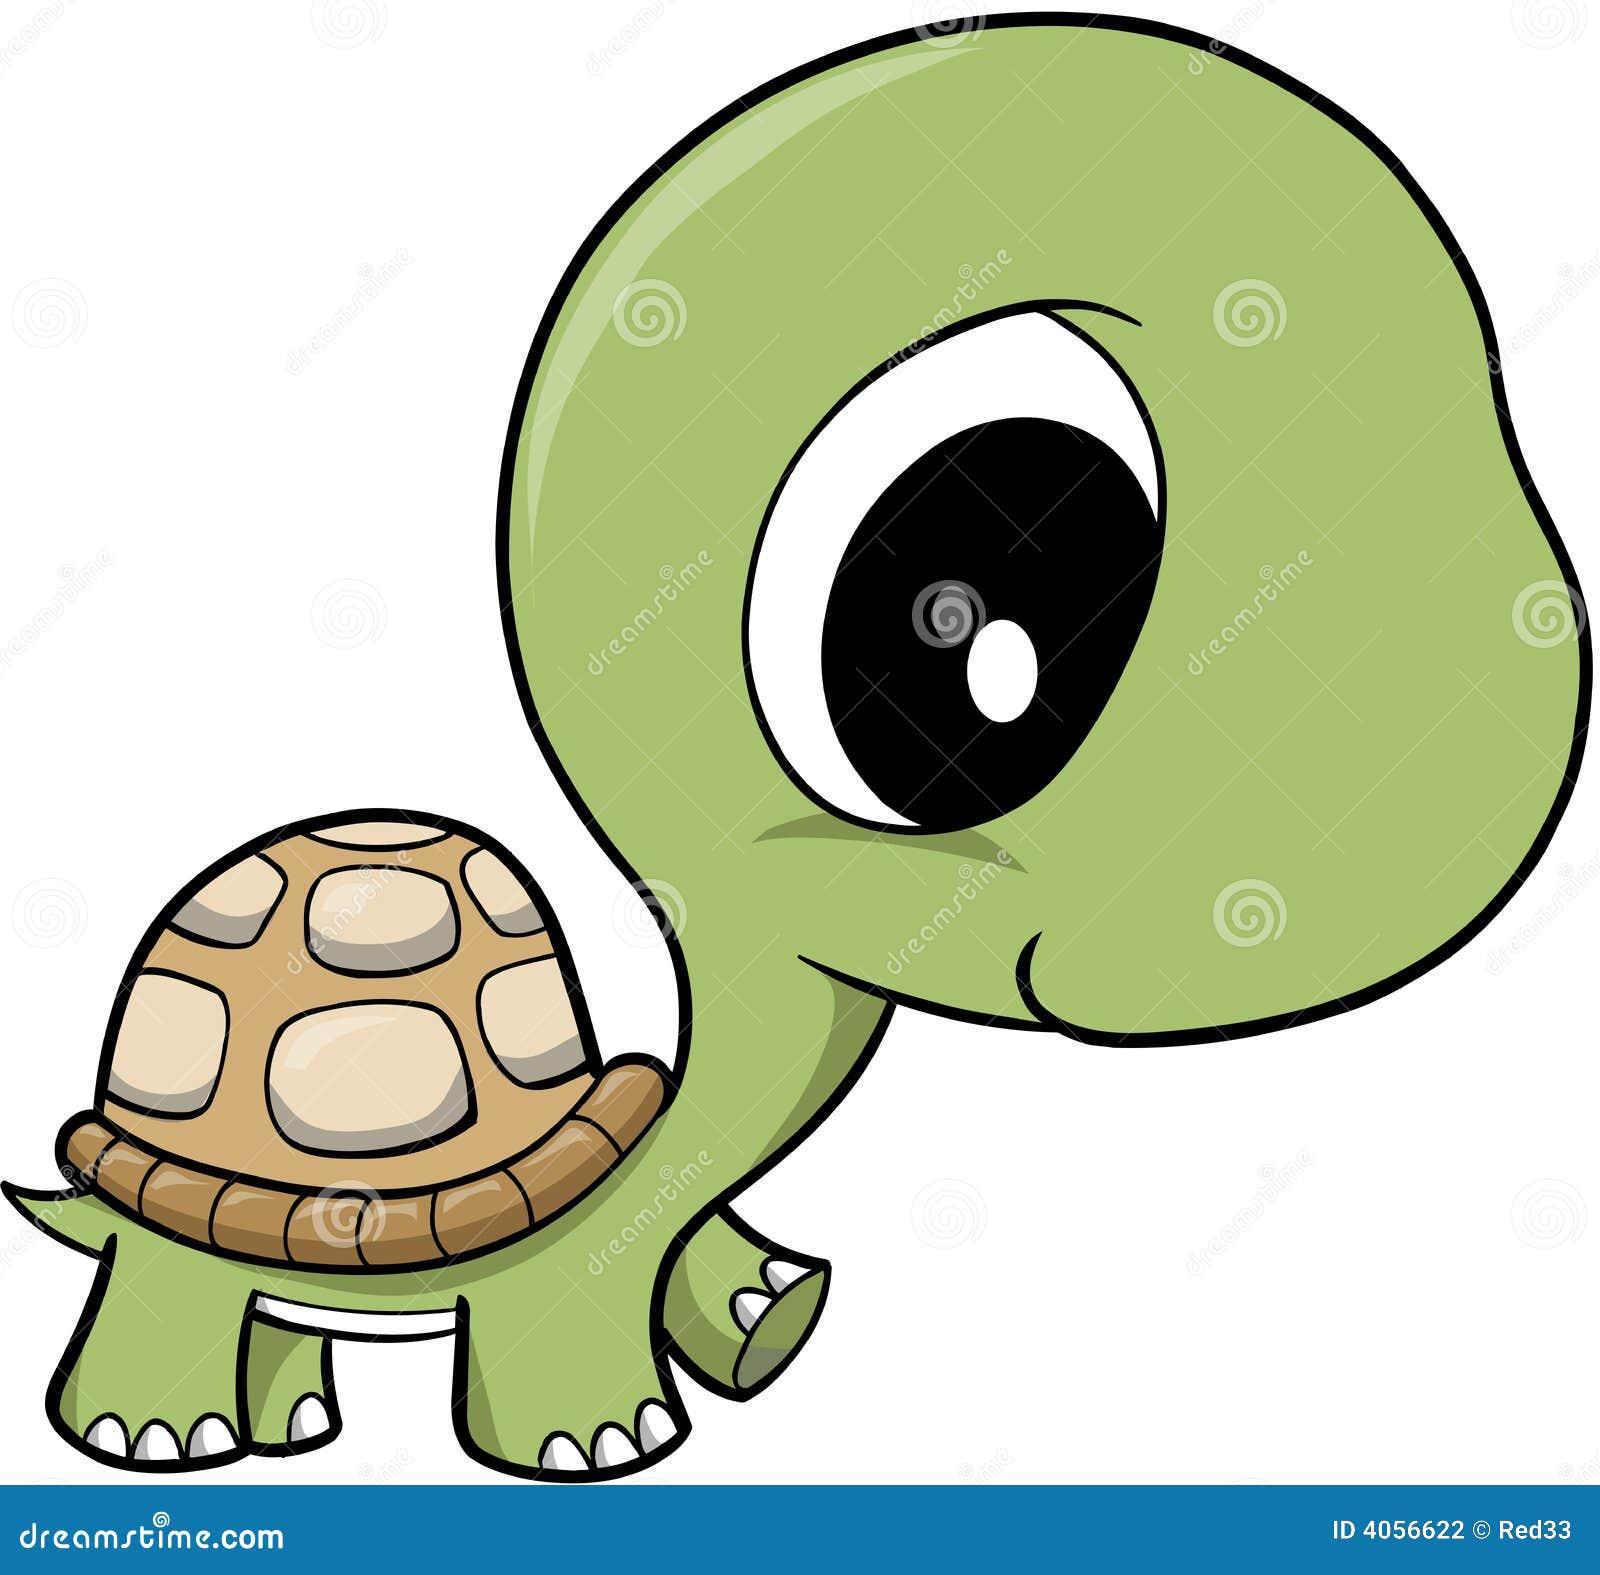 Cute cartoon animals with big eyes - Cute Illustration